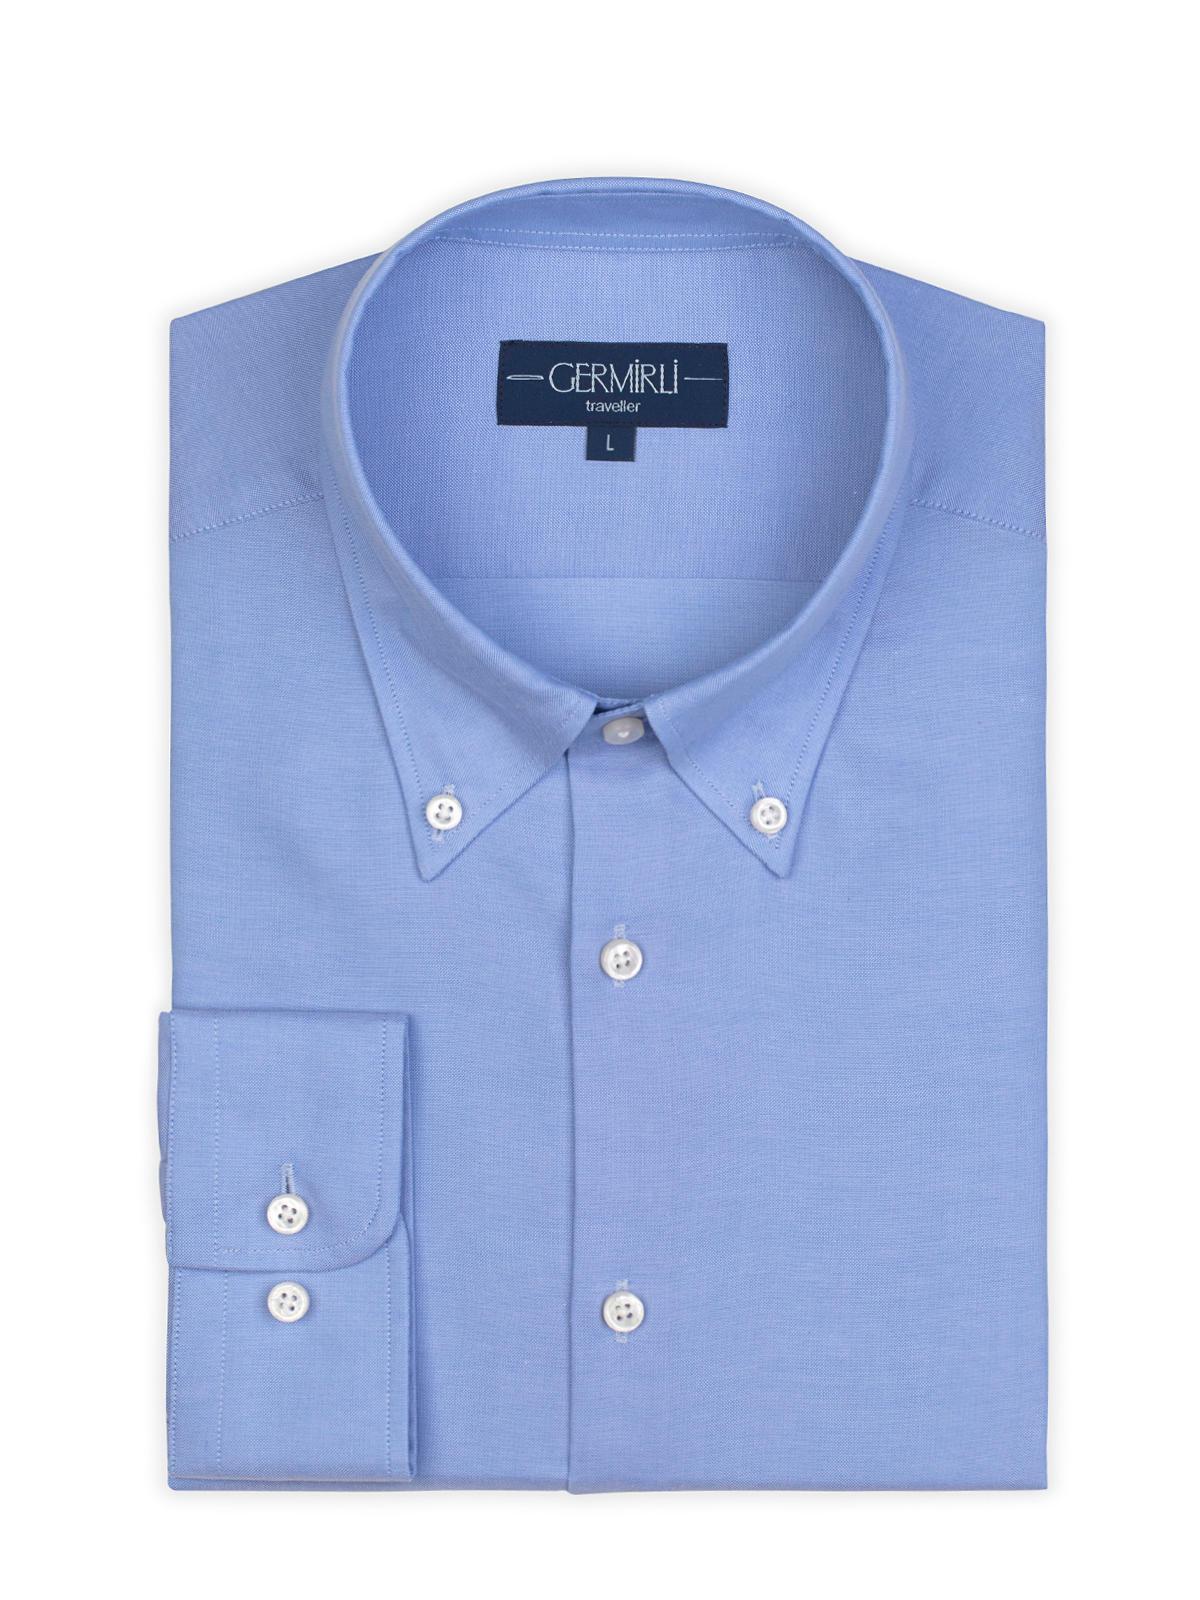 Germirli Non Iron Mavi Panama Düğmeli Yaka Tailor Fit Zero 24 Gömlek